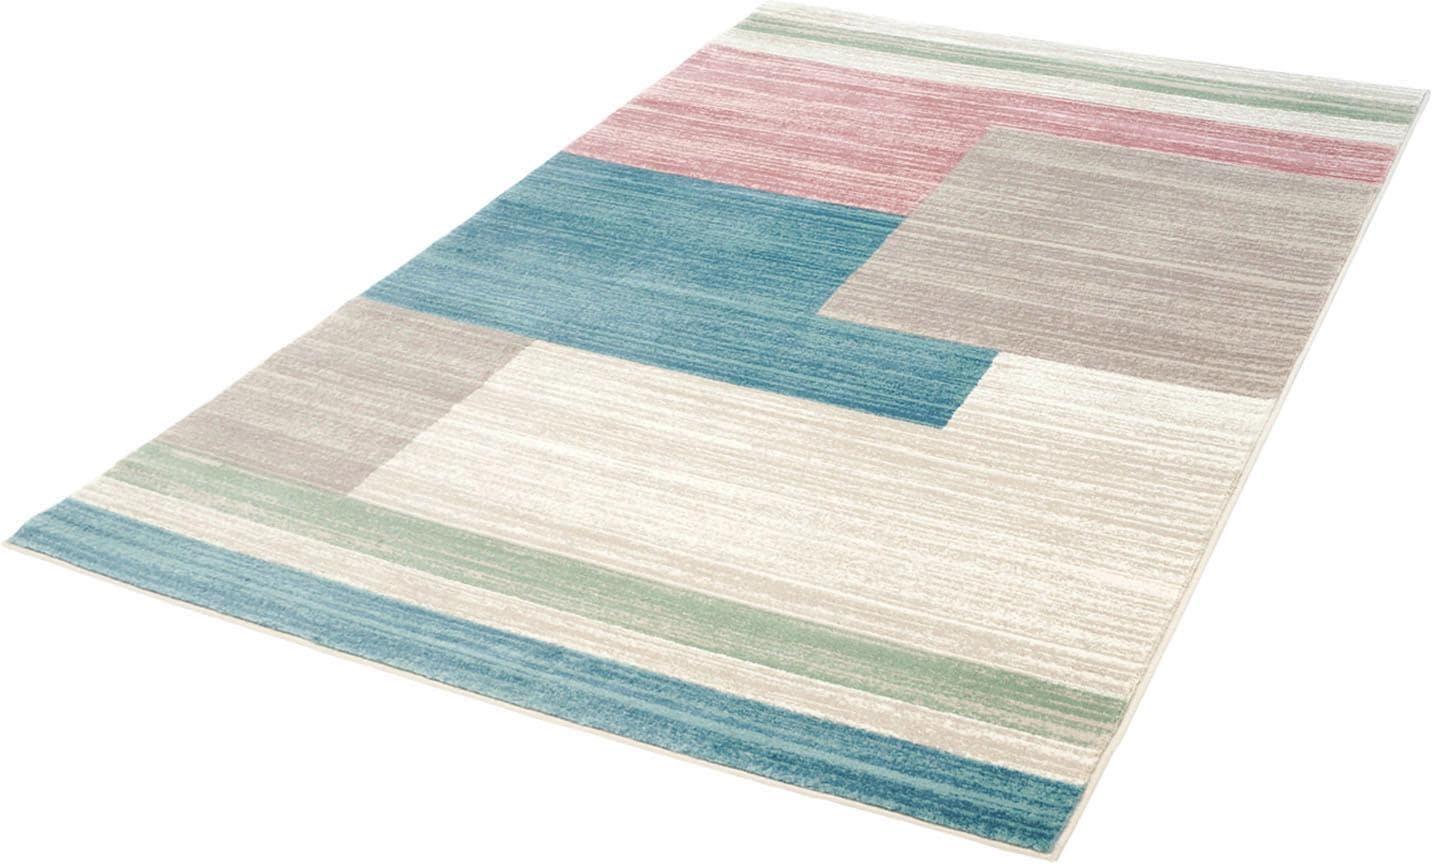 Teppich Inspiration 5807 Carpet City rechteckig Höhe 11 mm maschinell gewebt